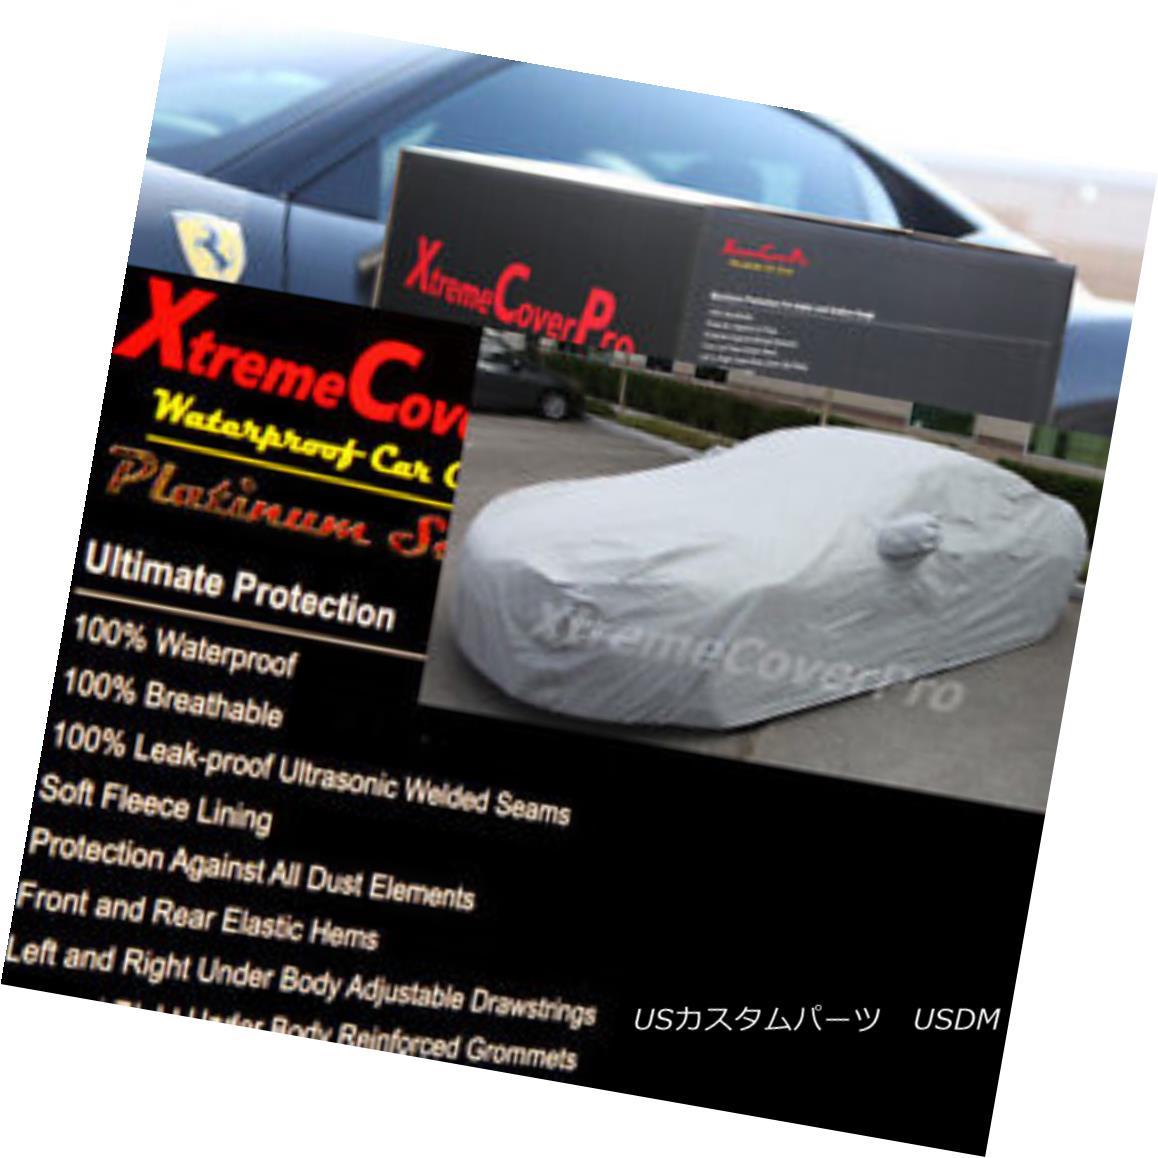 カーカバー 2015 CADILLAC ATS COUPE Waterproof Car Cover w/Mirror Pockets - Gray 2015 CADILLAC ATS COUPEミラーポケット付き防水カーカバー - グレー